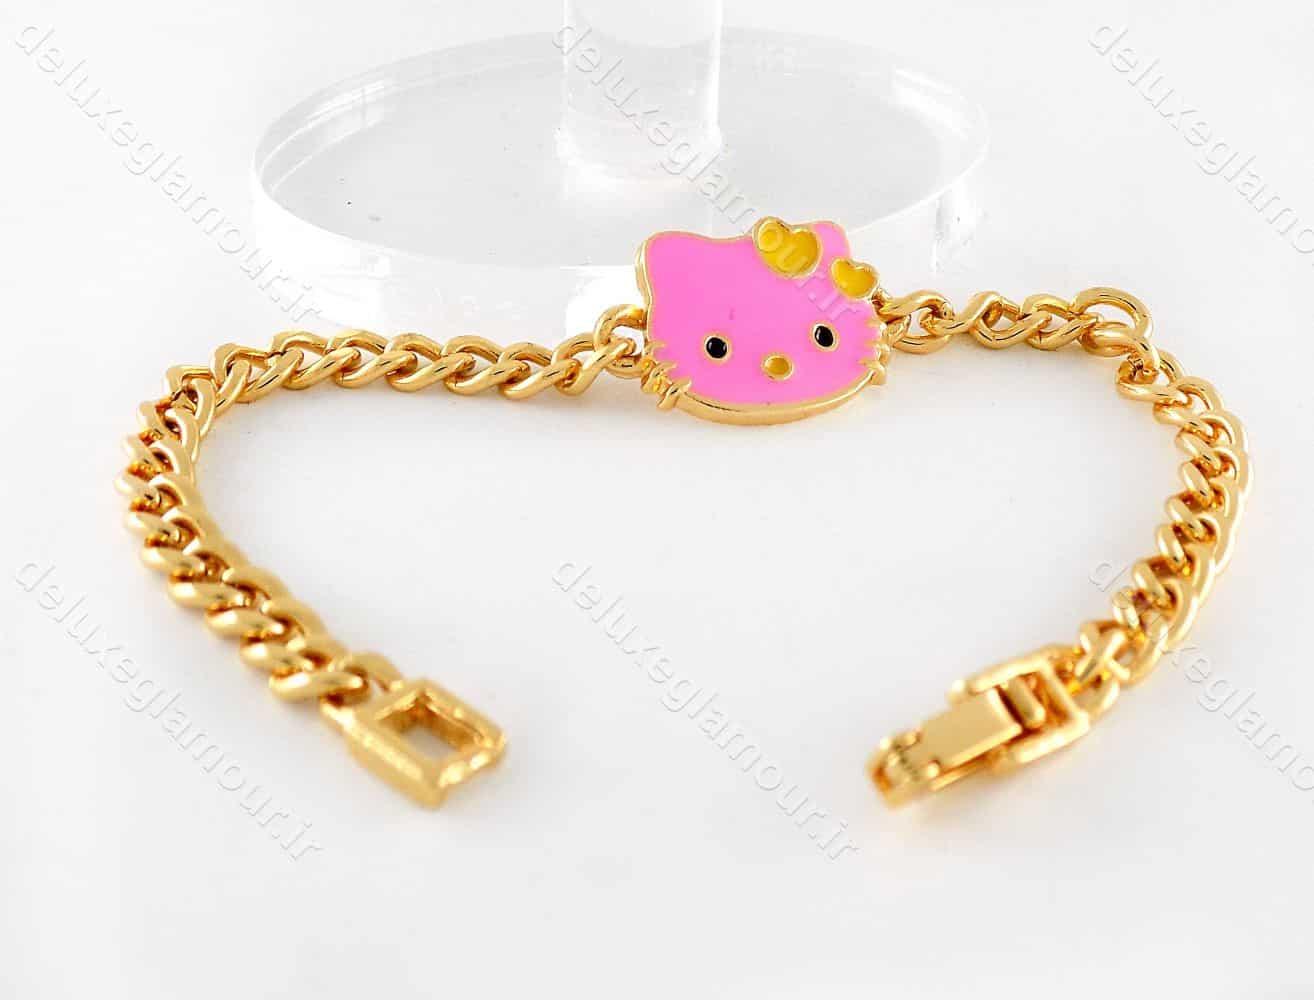 دستبند بچه گانه استیل طرح کیتی با طول 18 سانتی ds-n192